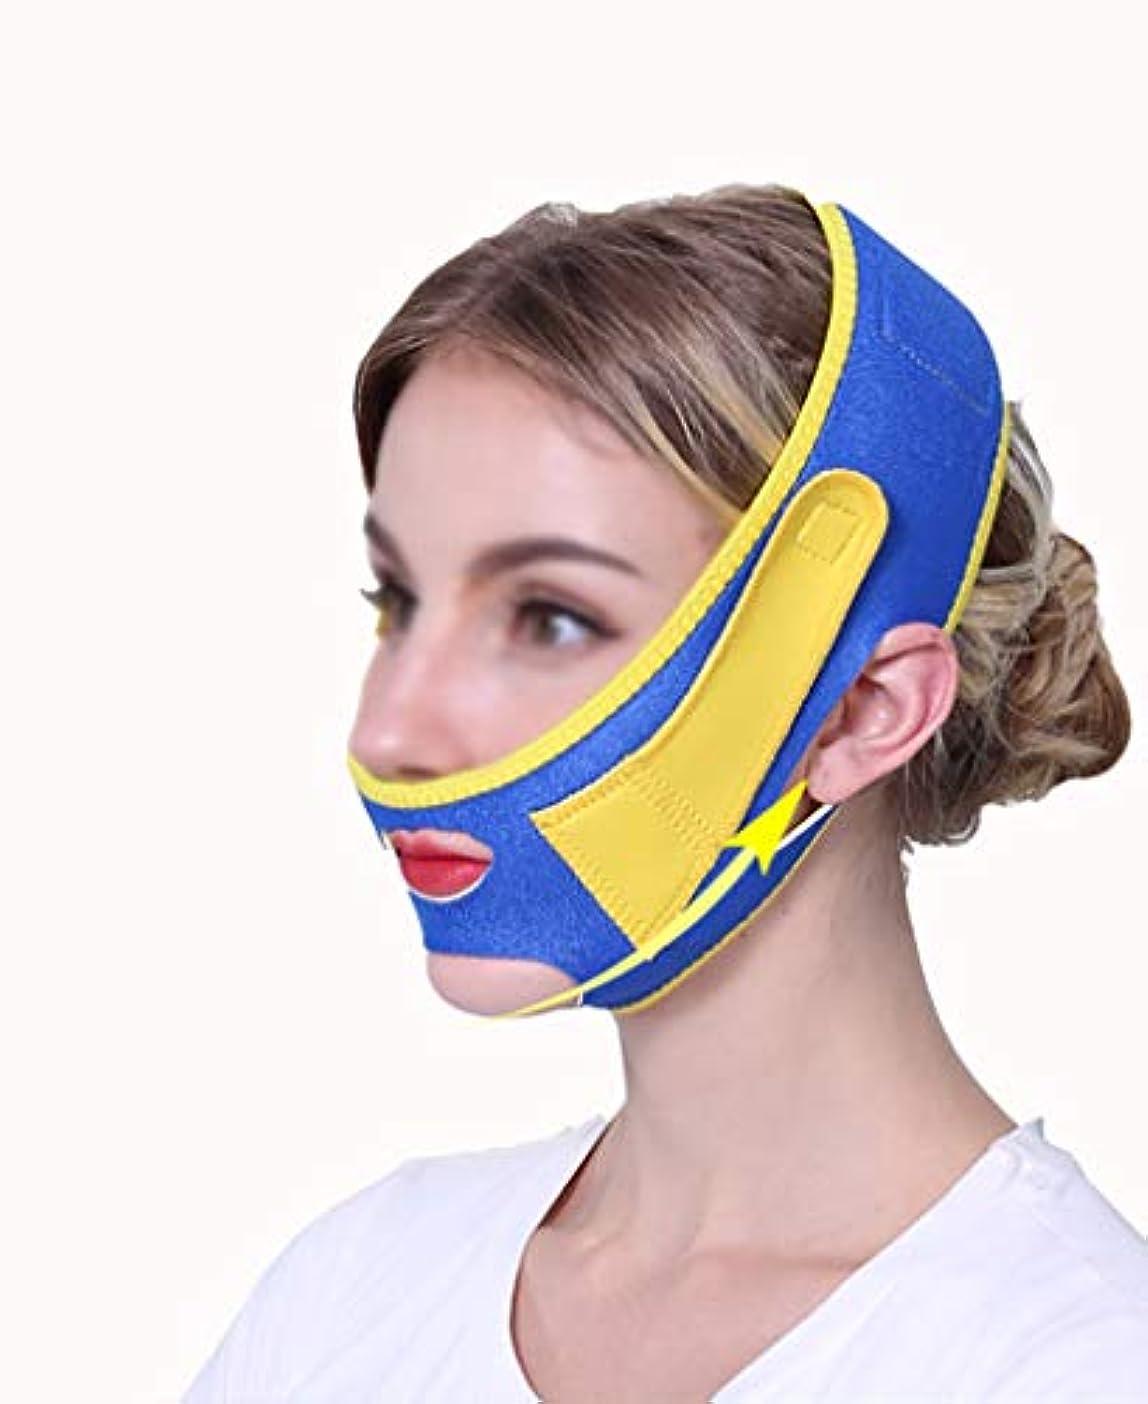 悩み操縦する宇宙船TLMY 薄いフェイスマスクあごストラップ回復包帯薄いフェイスマスクVフェイスステッカーフェイスステッカー韓国本物のリフティング引き締め形状の薄い二重あごの薄い顔の睡眠包帯アーティファクト 顔用整形マスク